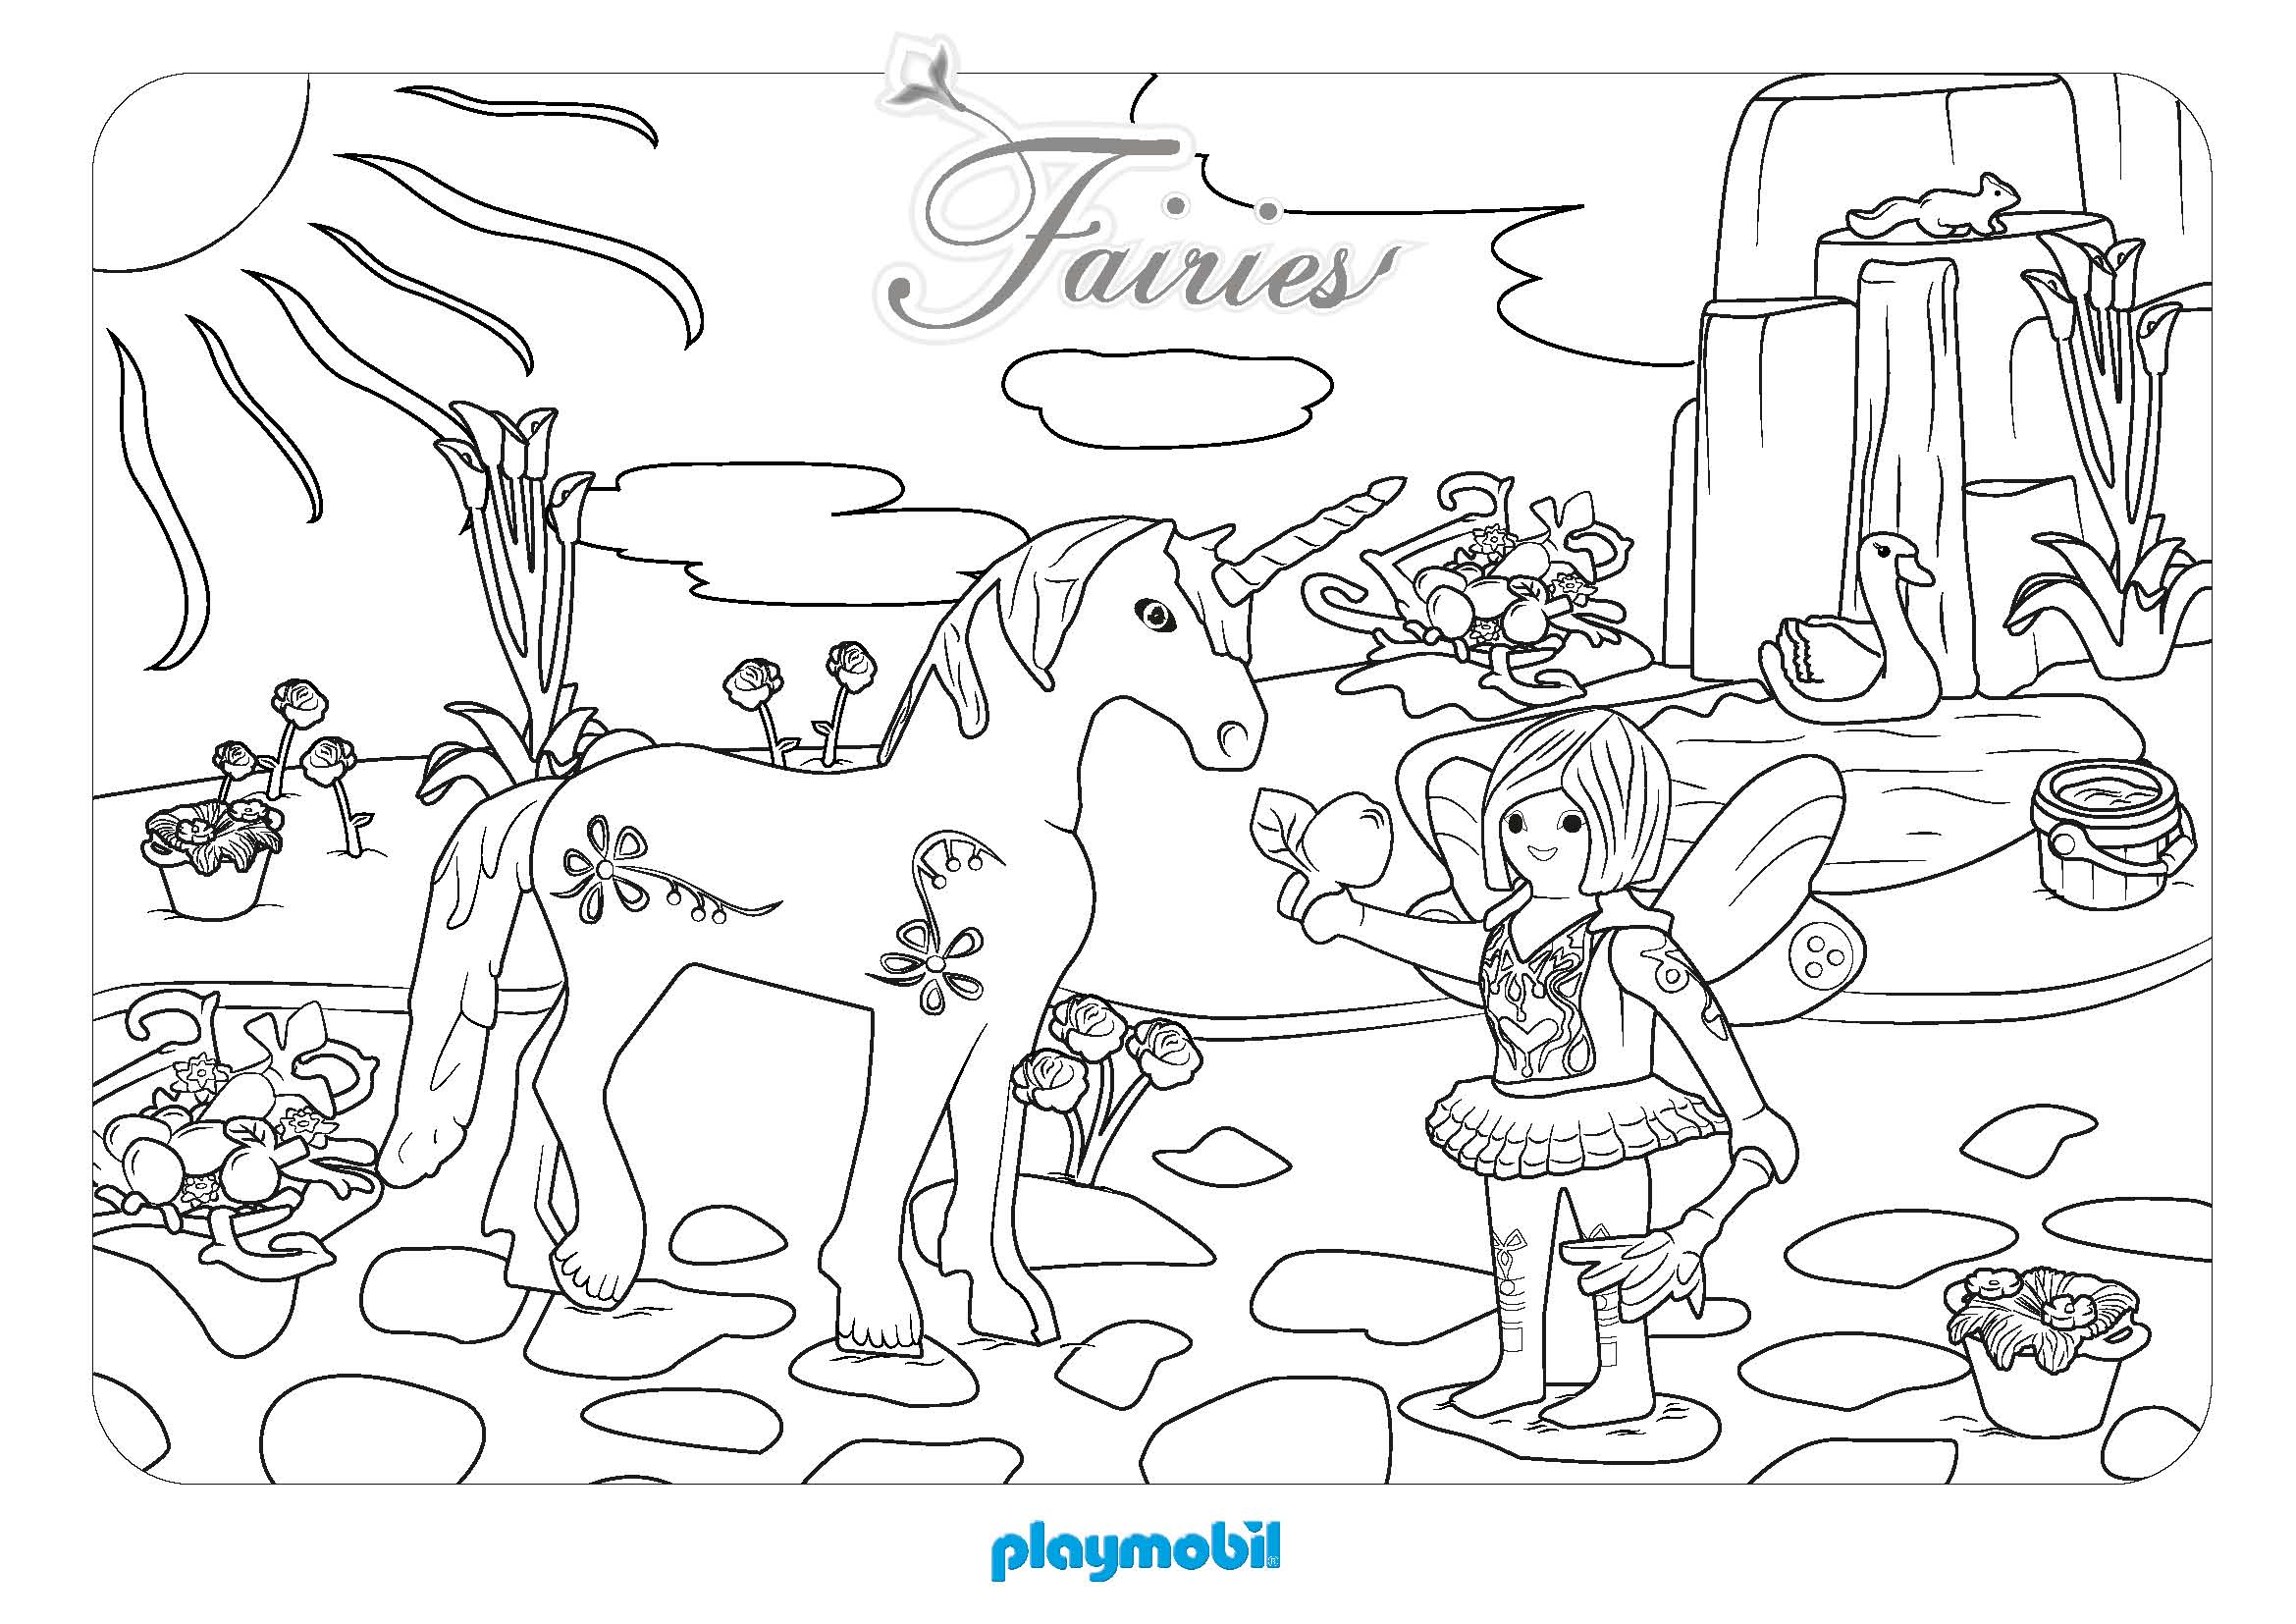 Coloriage à imprimer : Personnages célèbres - Playmobil numéro 756068